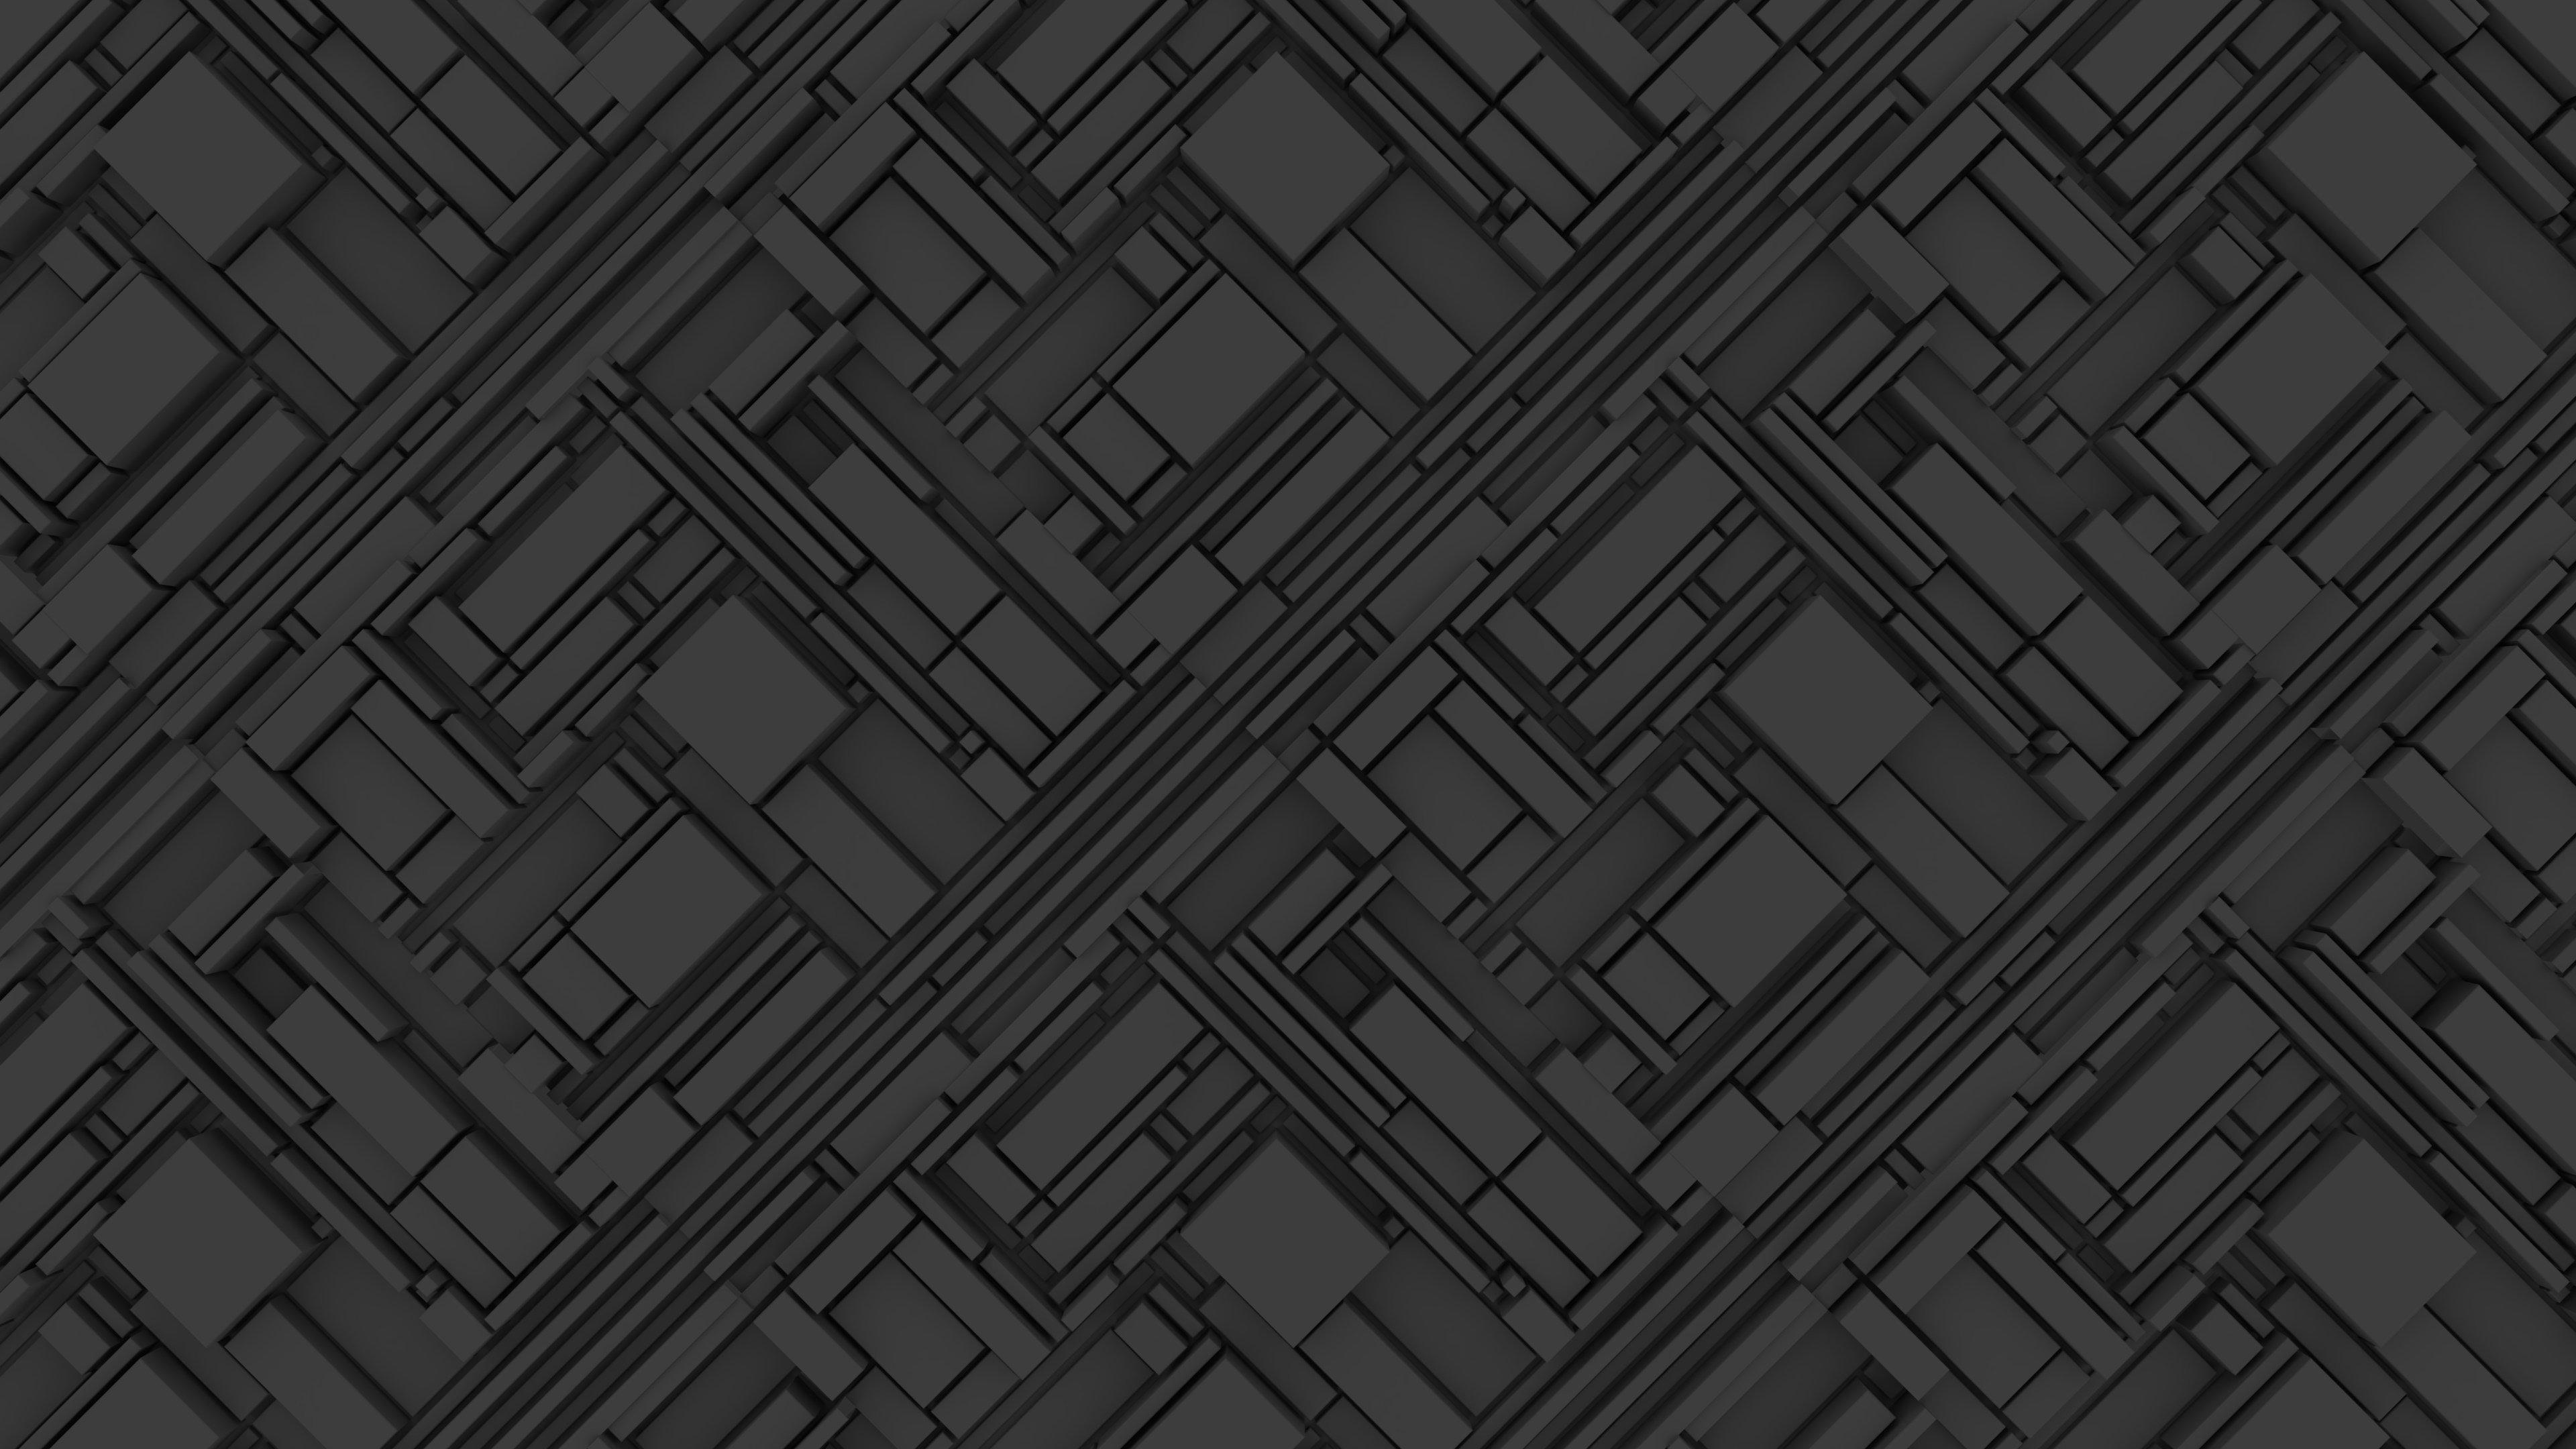 Fondos de pantalla Estructura abstracta 3D gris oscuro